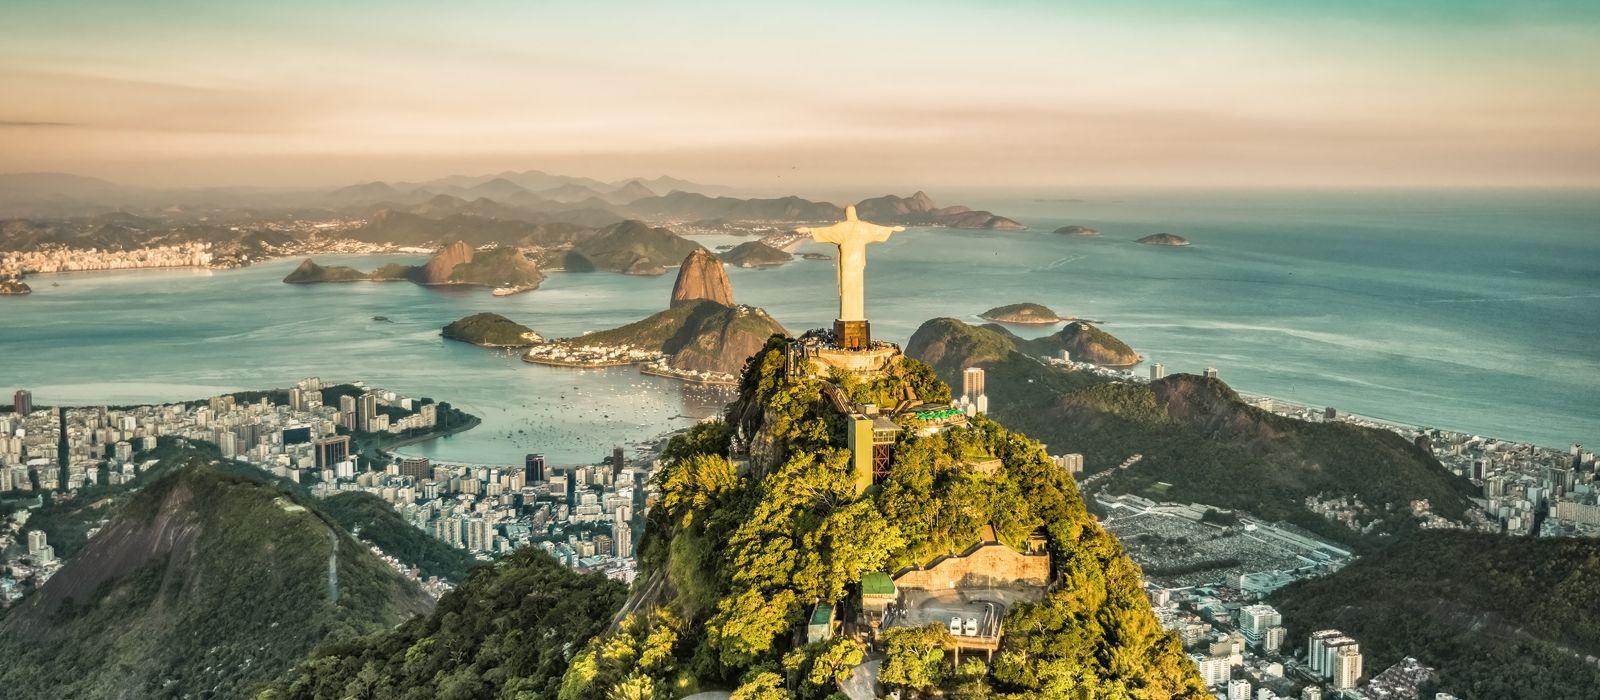 Brazil Tours & Trips 1